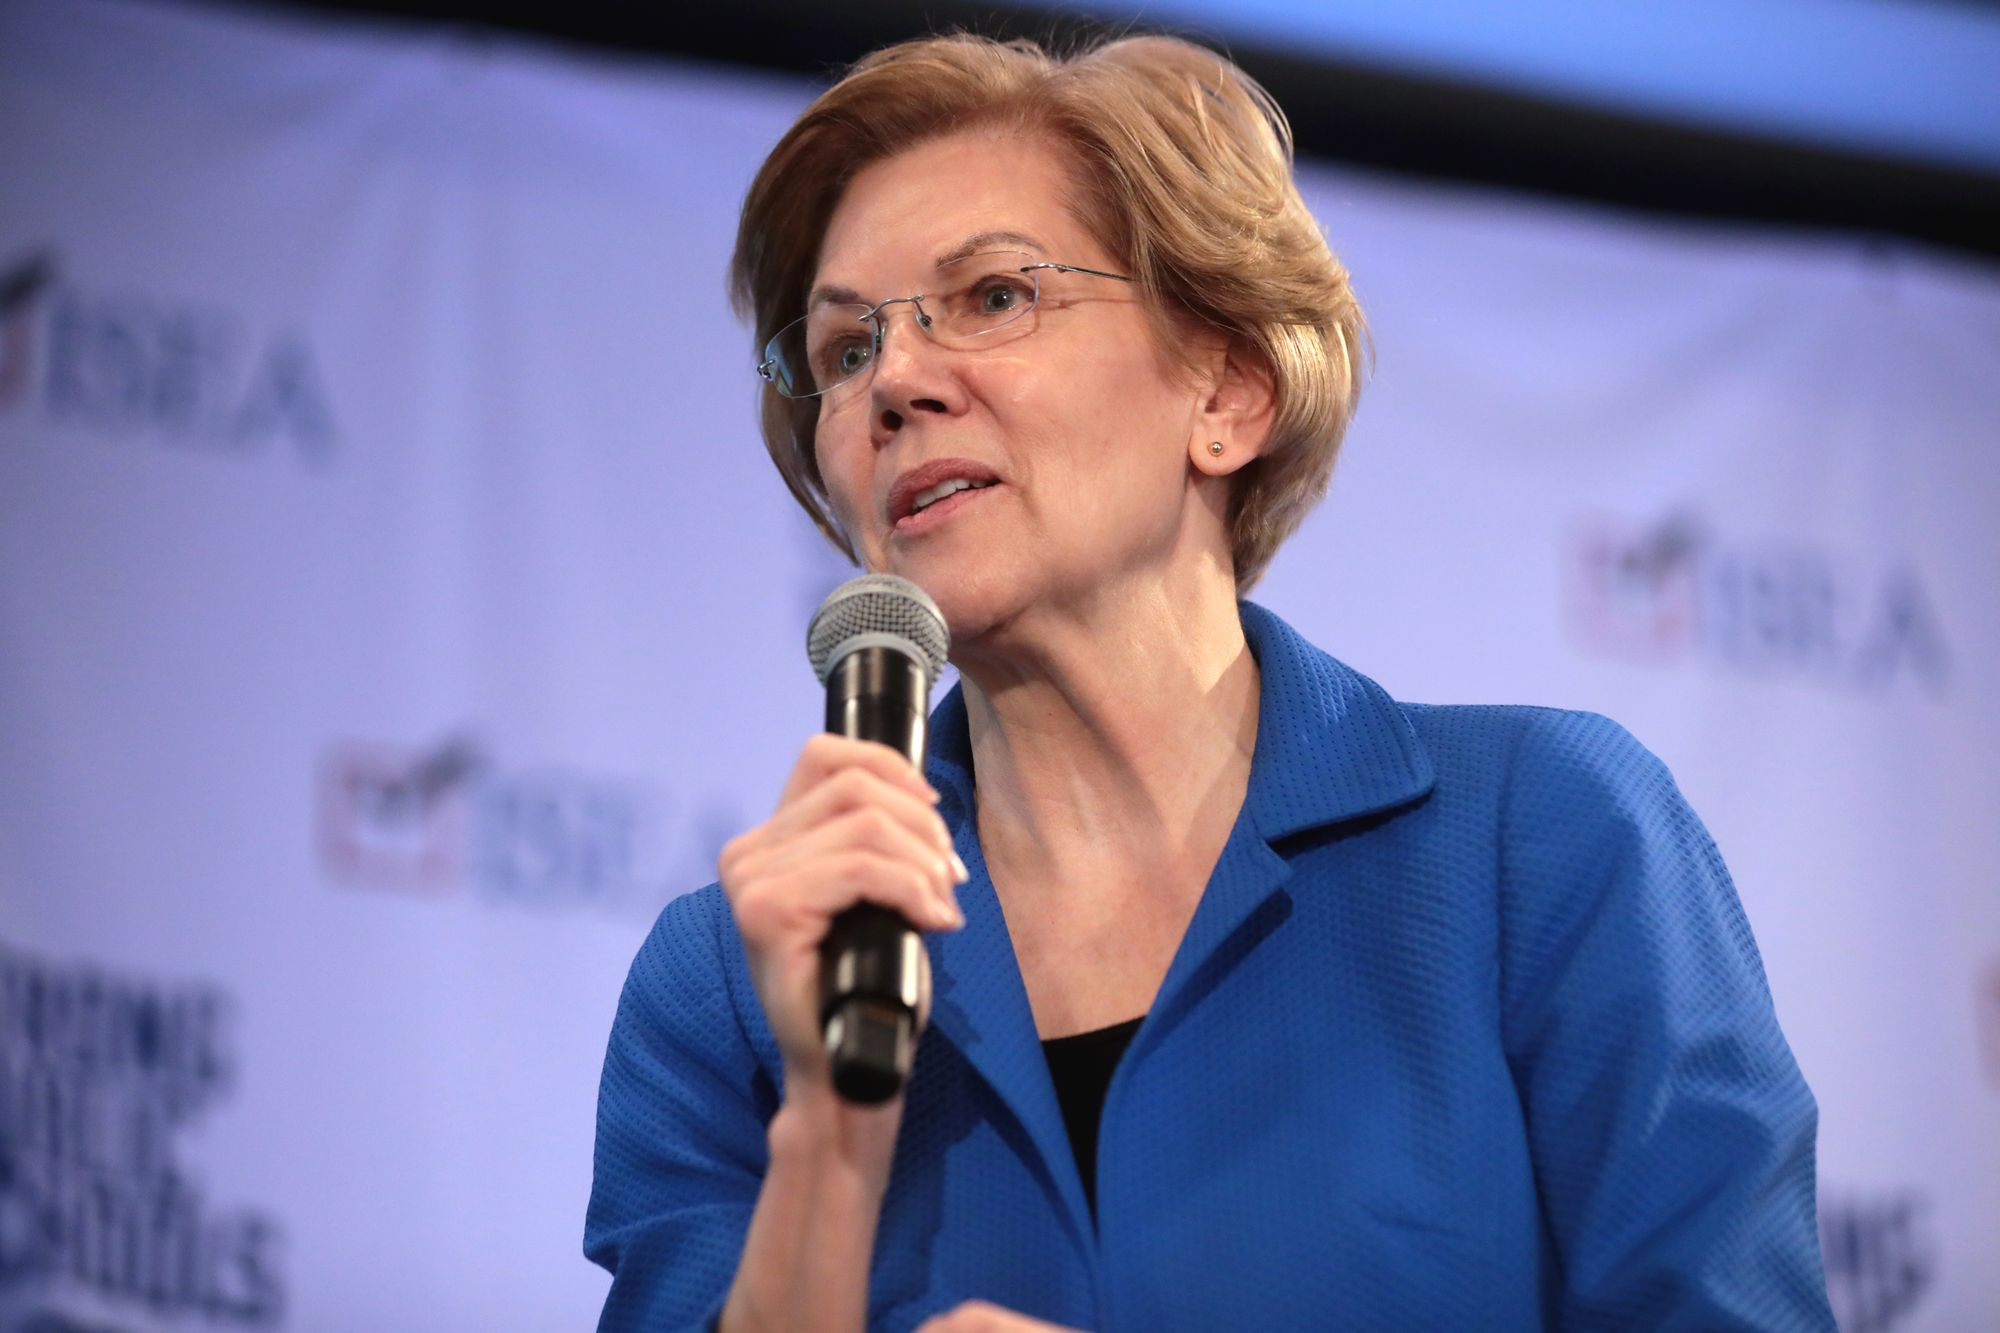 Elizabeth Warren's Departure Shows the Extent of the Unity Divide